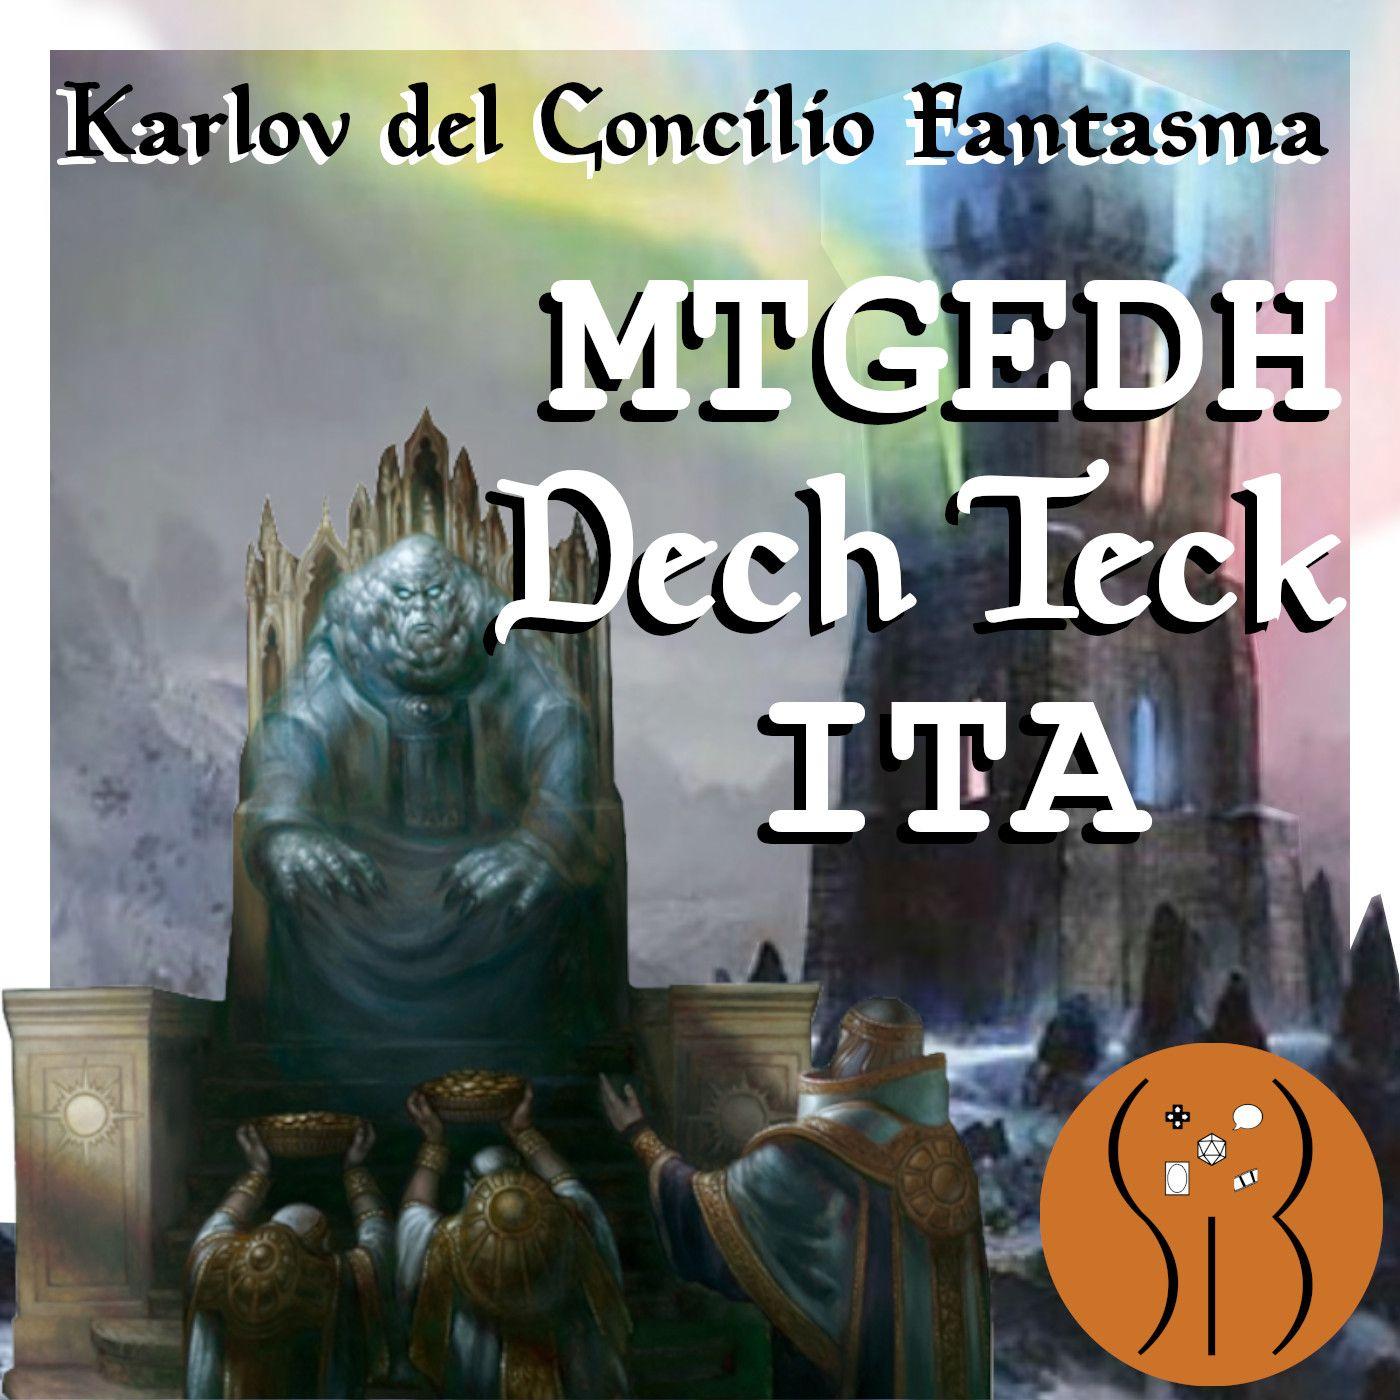 Karlov del Concilio Fantasma MTGEDH deck tech ITA